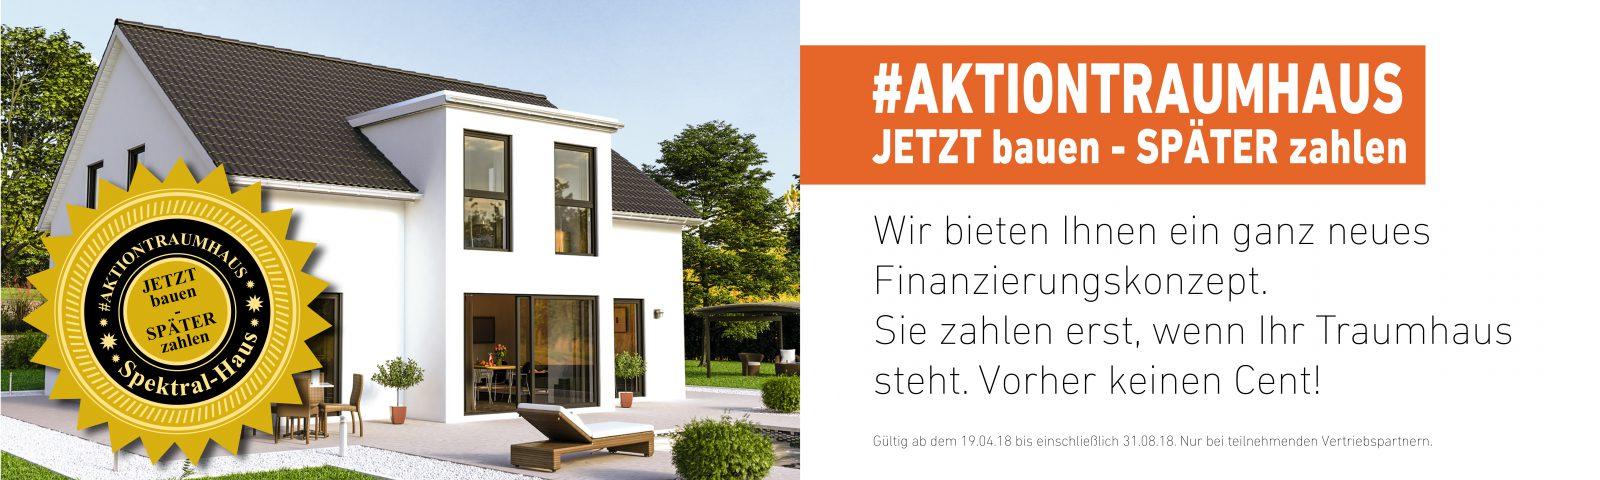 #AKTIONTRAUMHAUS - JETZT bauen - SPÄTER zahlen